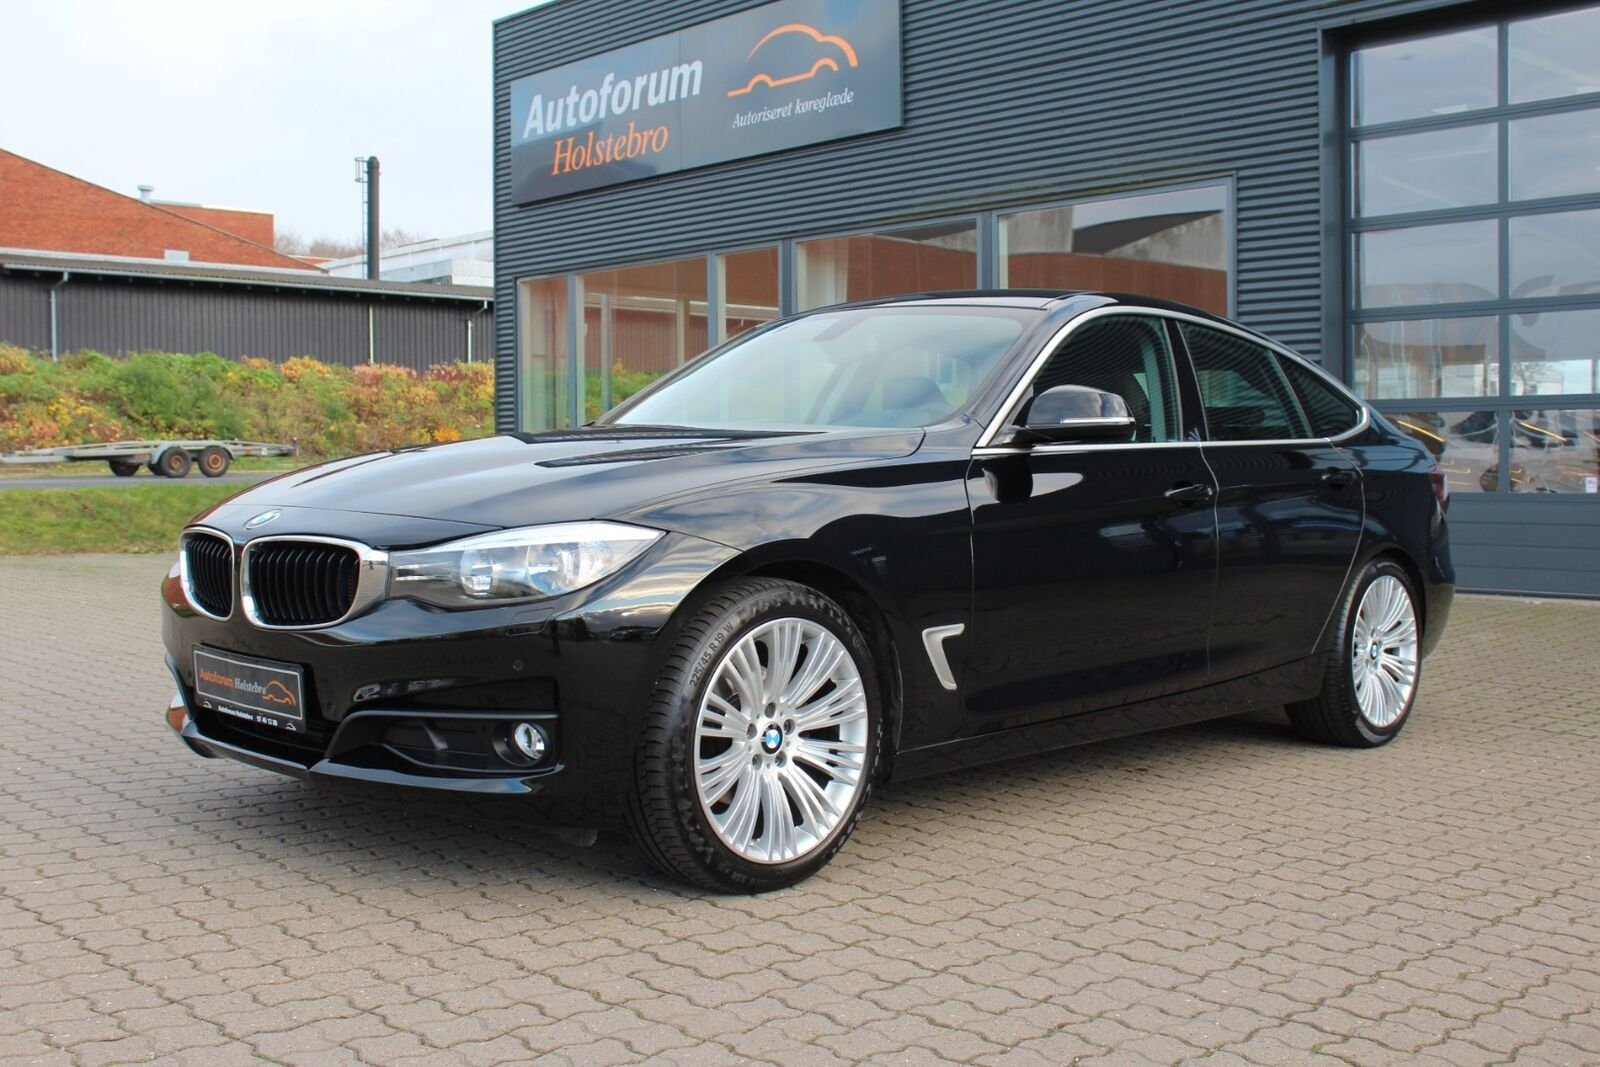 BMW 320d 2,0 Gran Turismo aut. 5d - 239.800 kr.